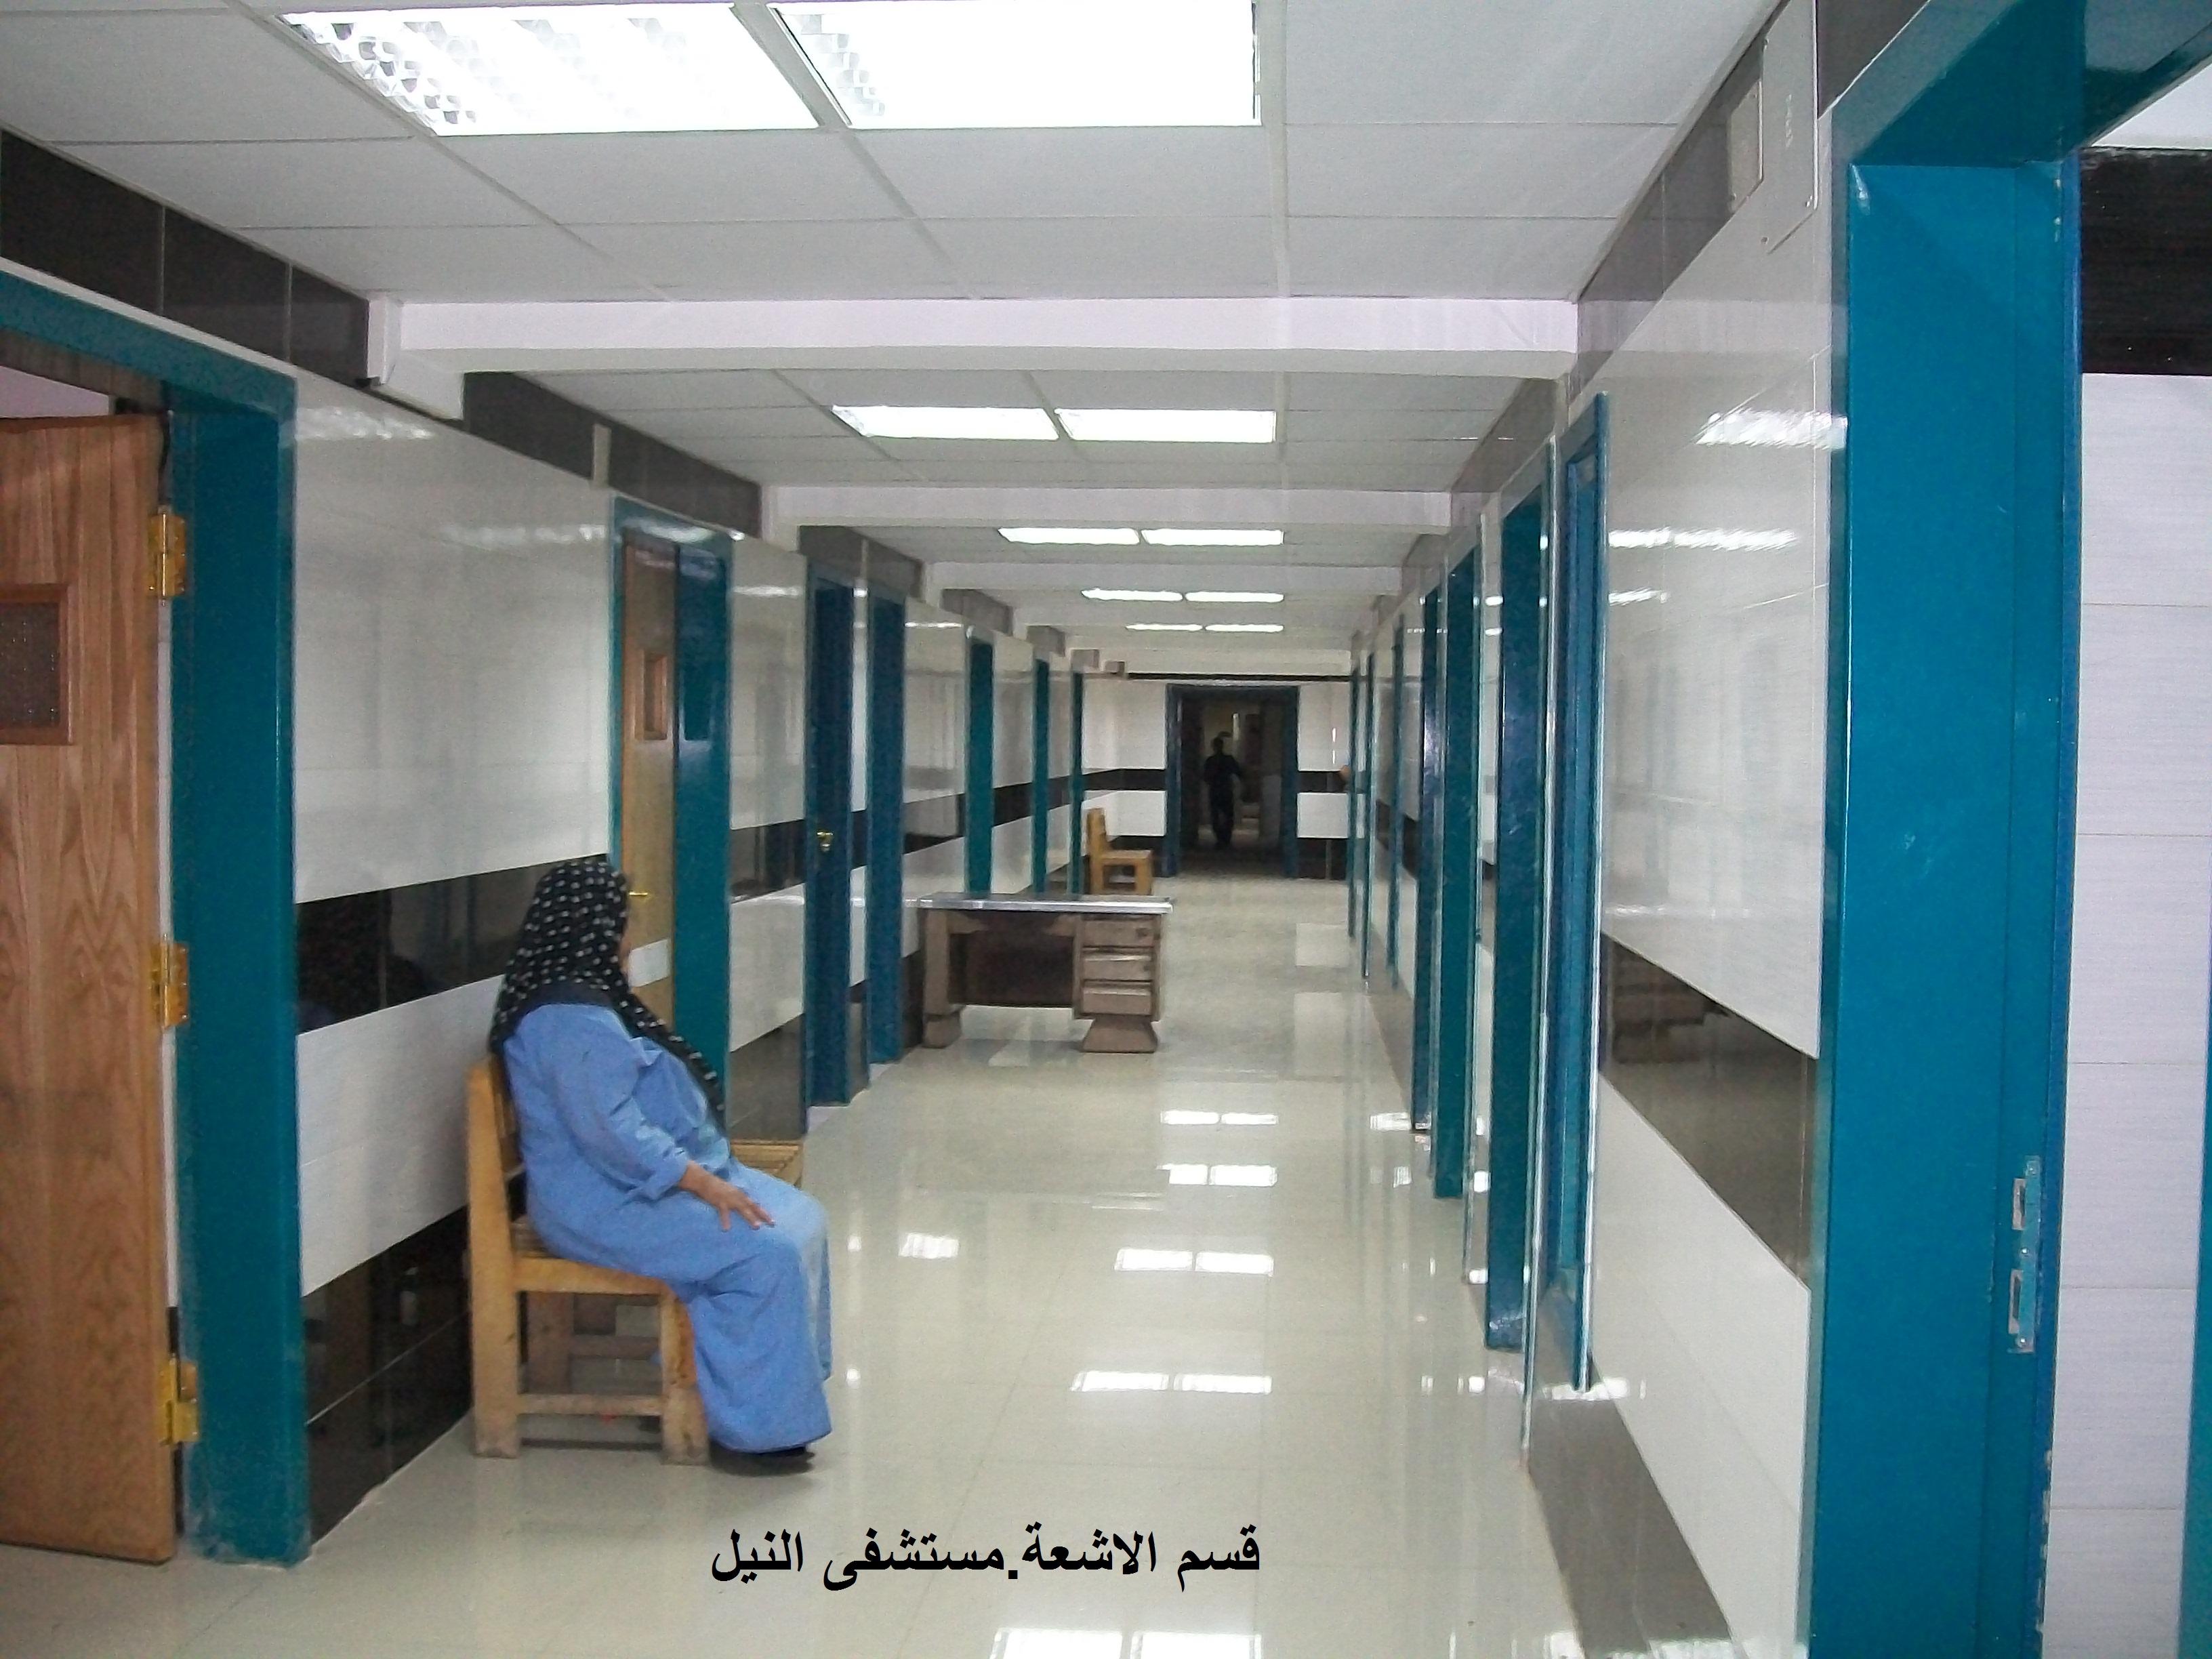 مستشفى النيل للتأمين الصحي